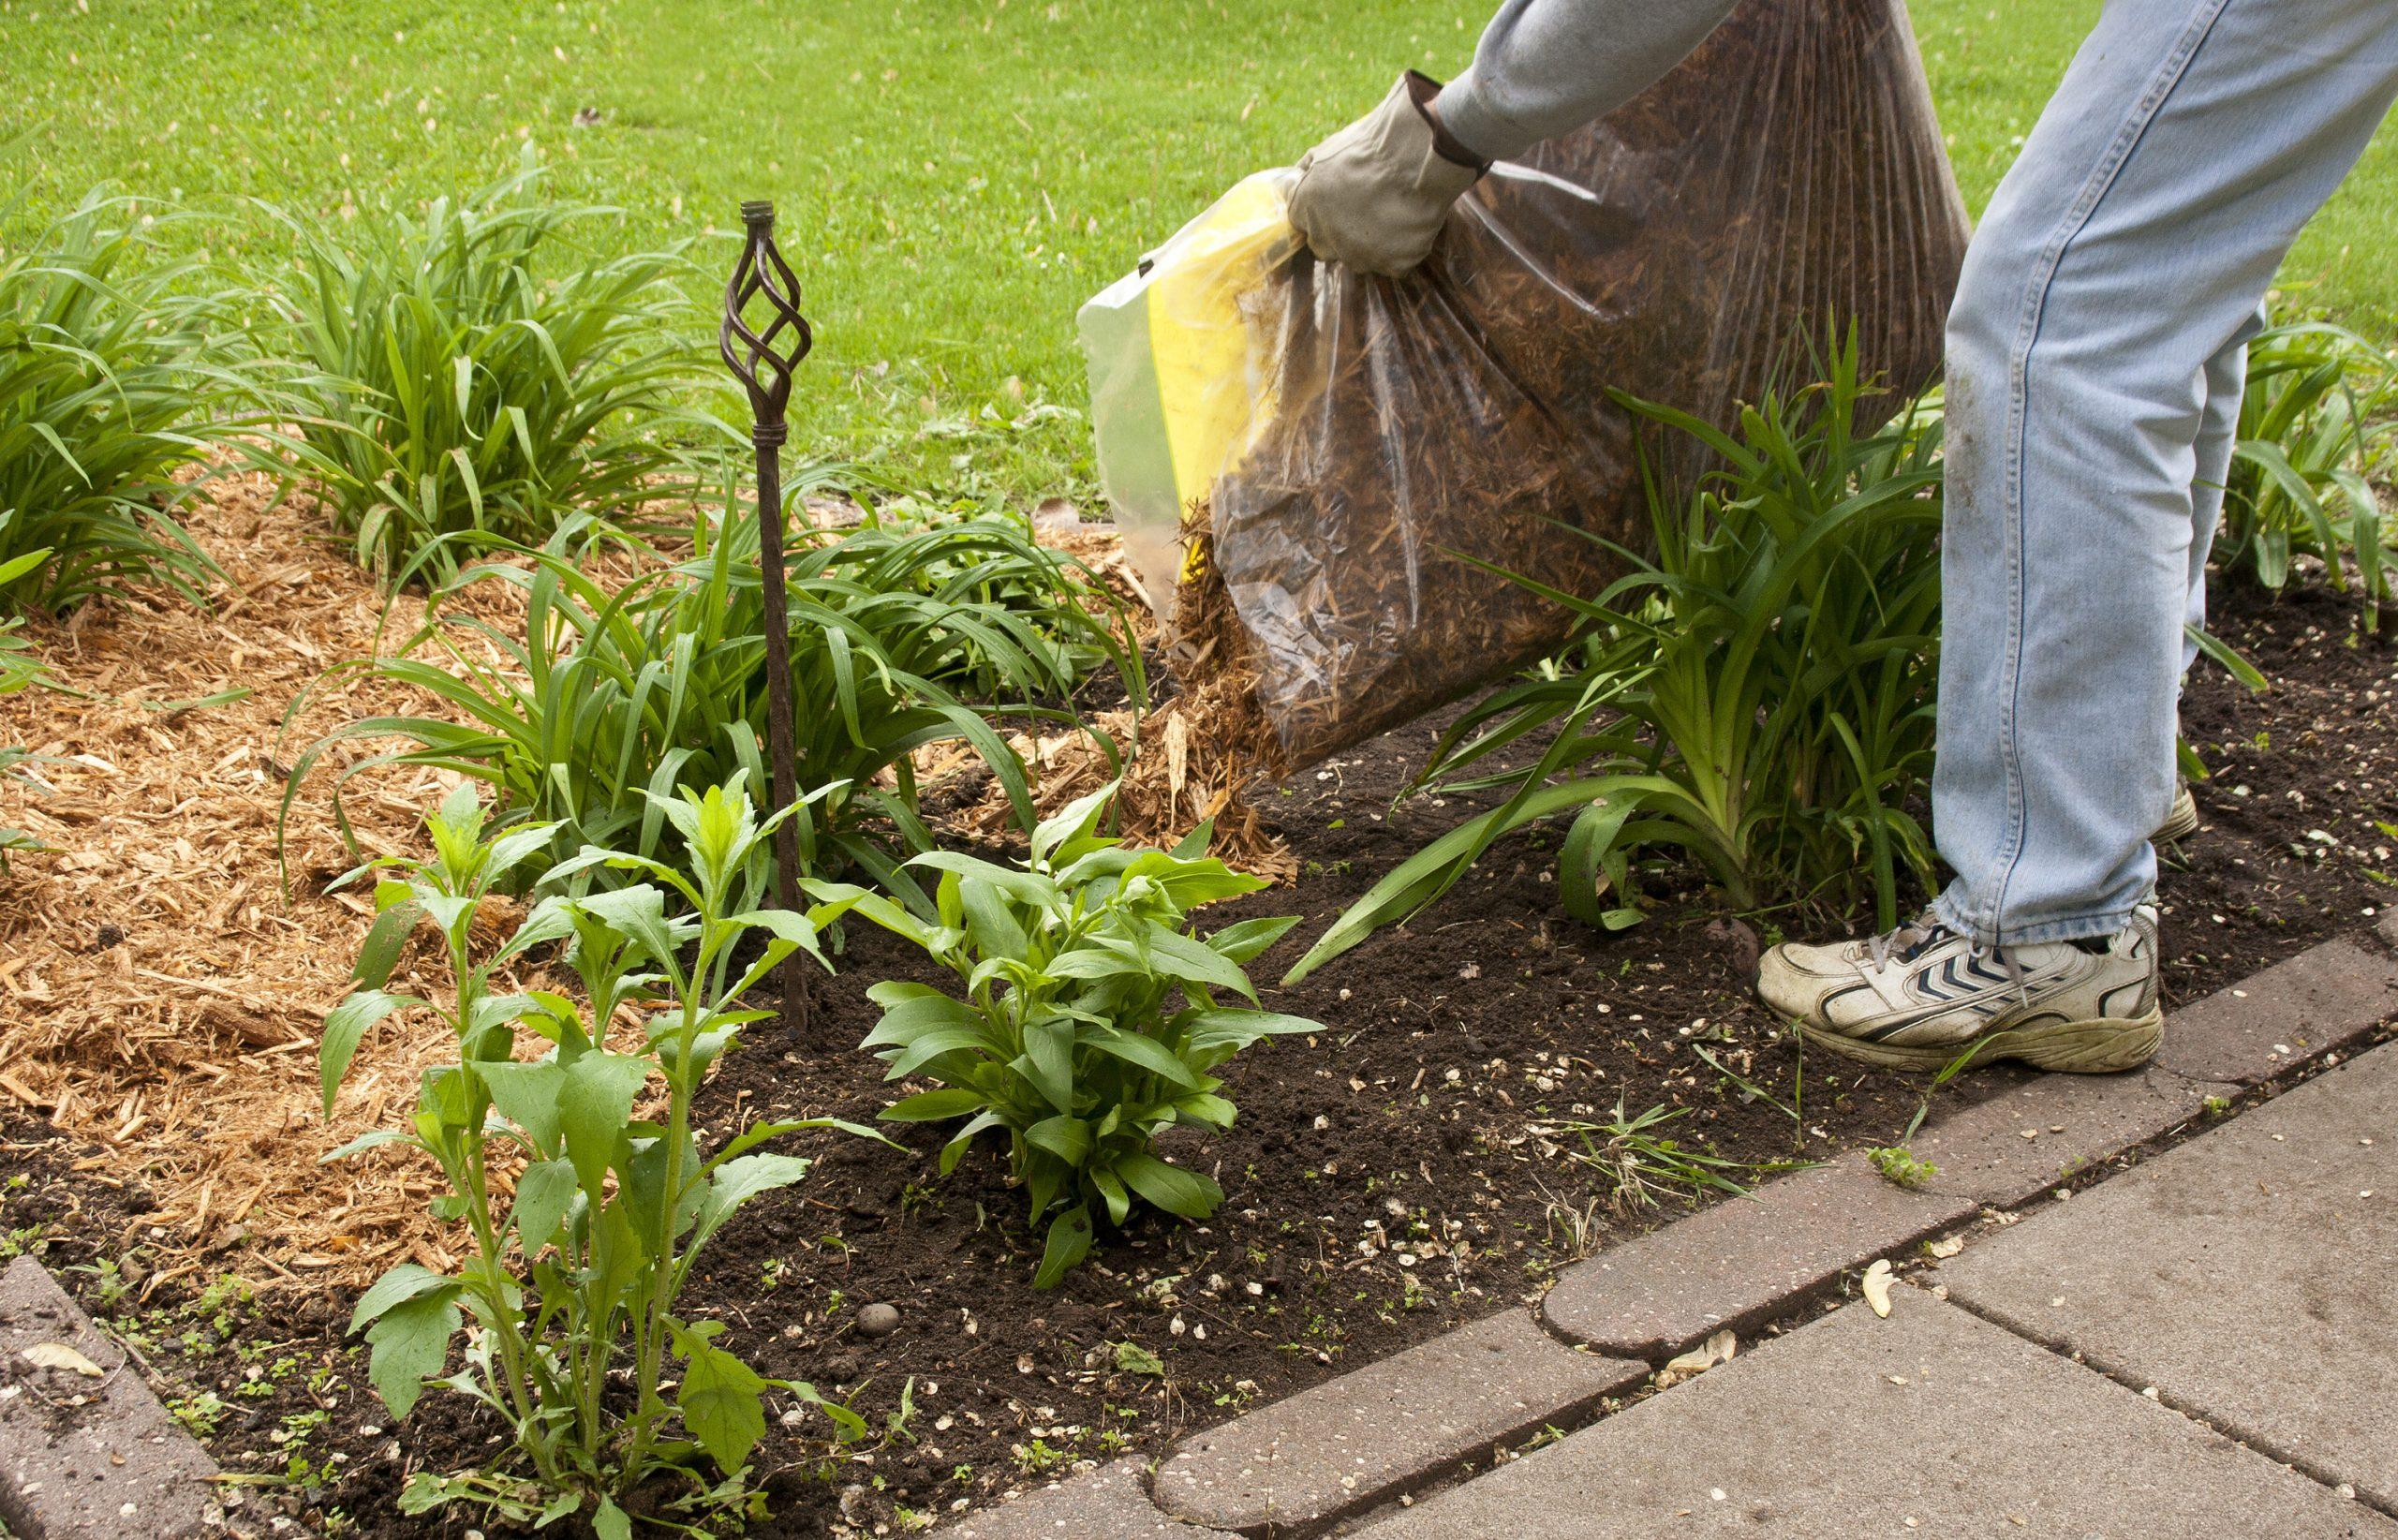 Un Paillage Naturel Pour Votre Jardin - Blog Oléo-Mac encequiconcerne Copeaux De Bois Jardin